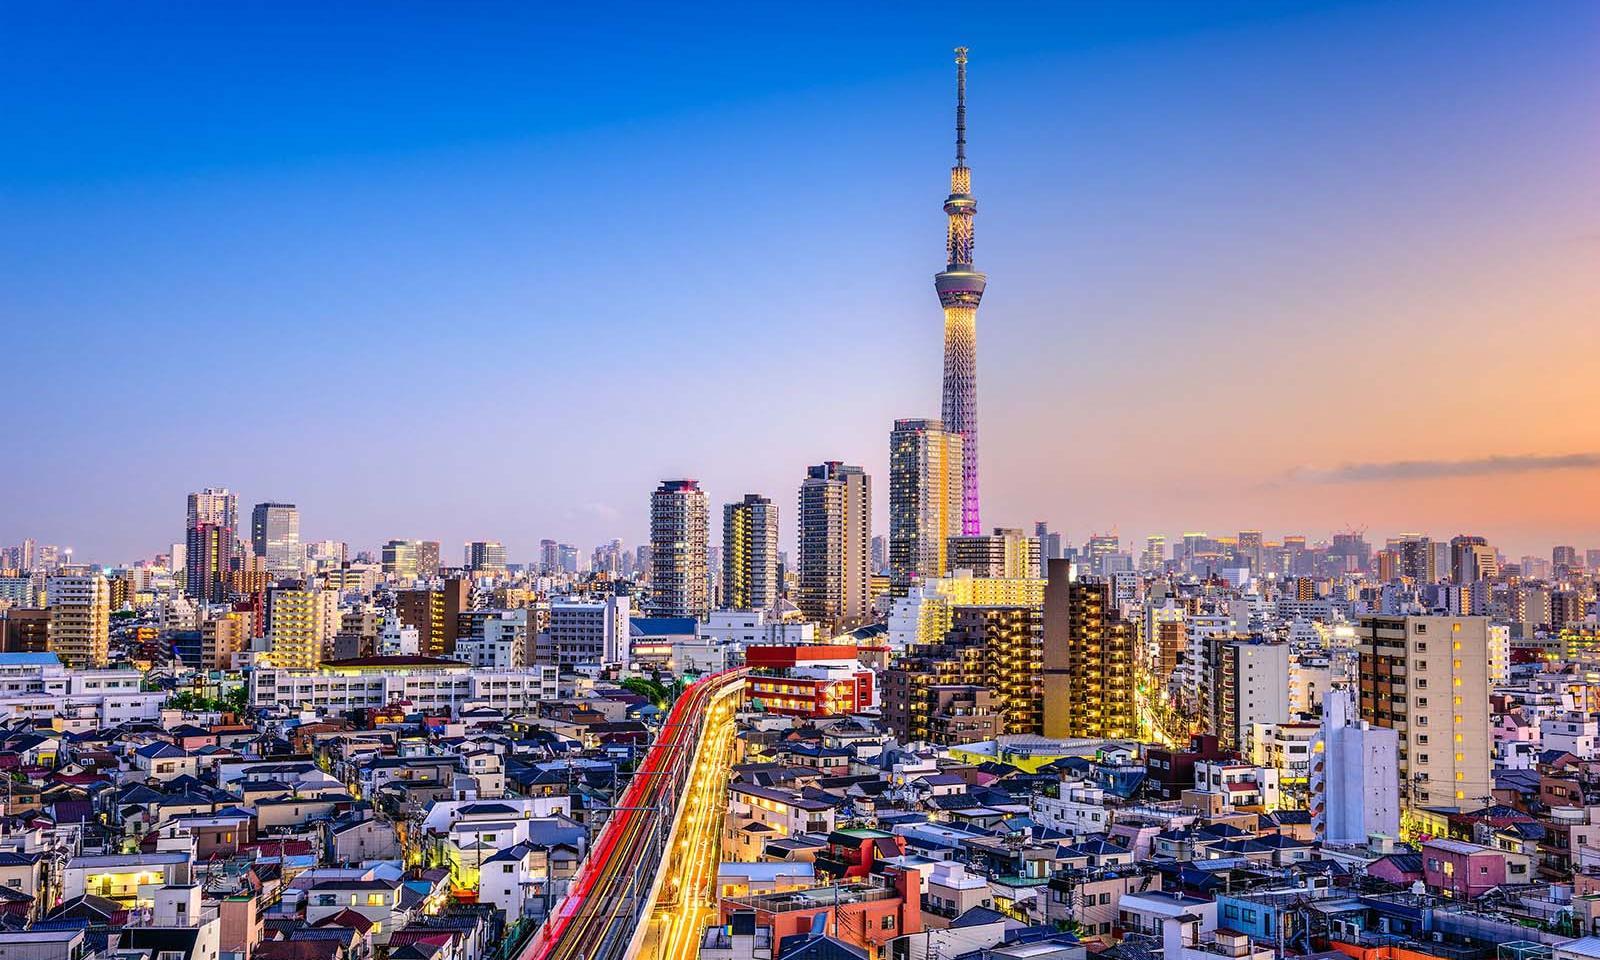 Kết quả hình ảnh cho tokyo skytree